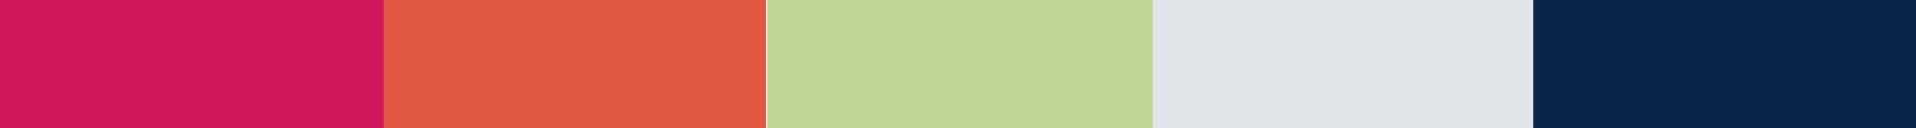 kleurbalk